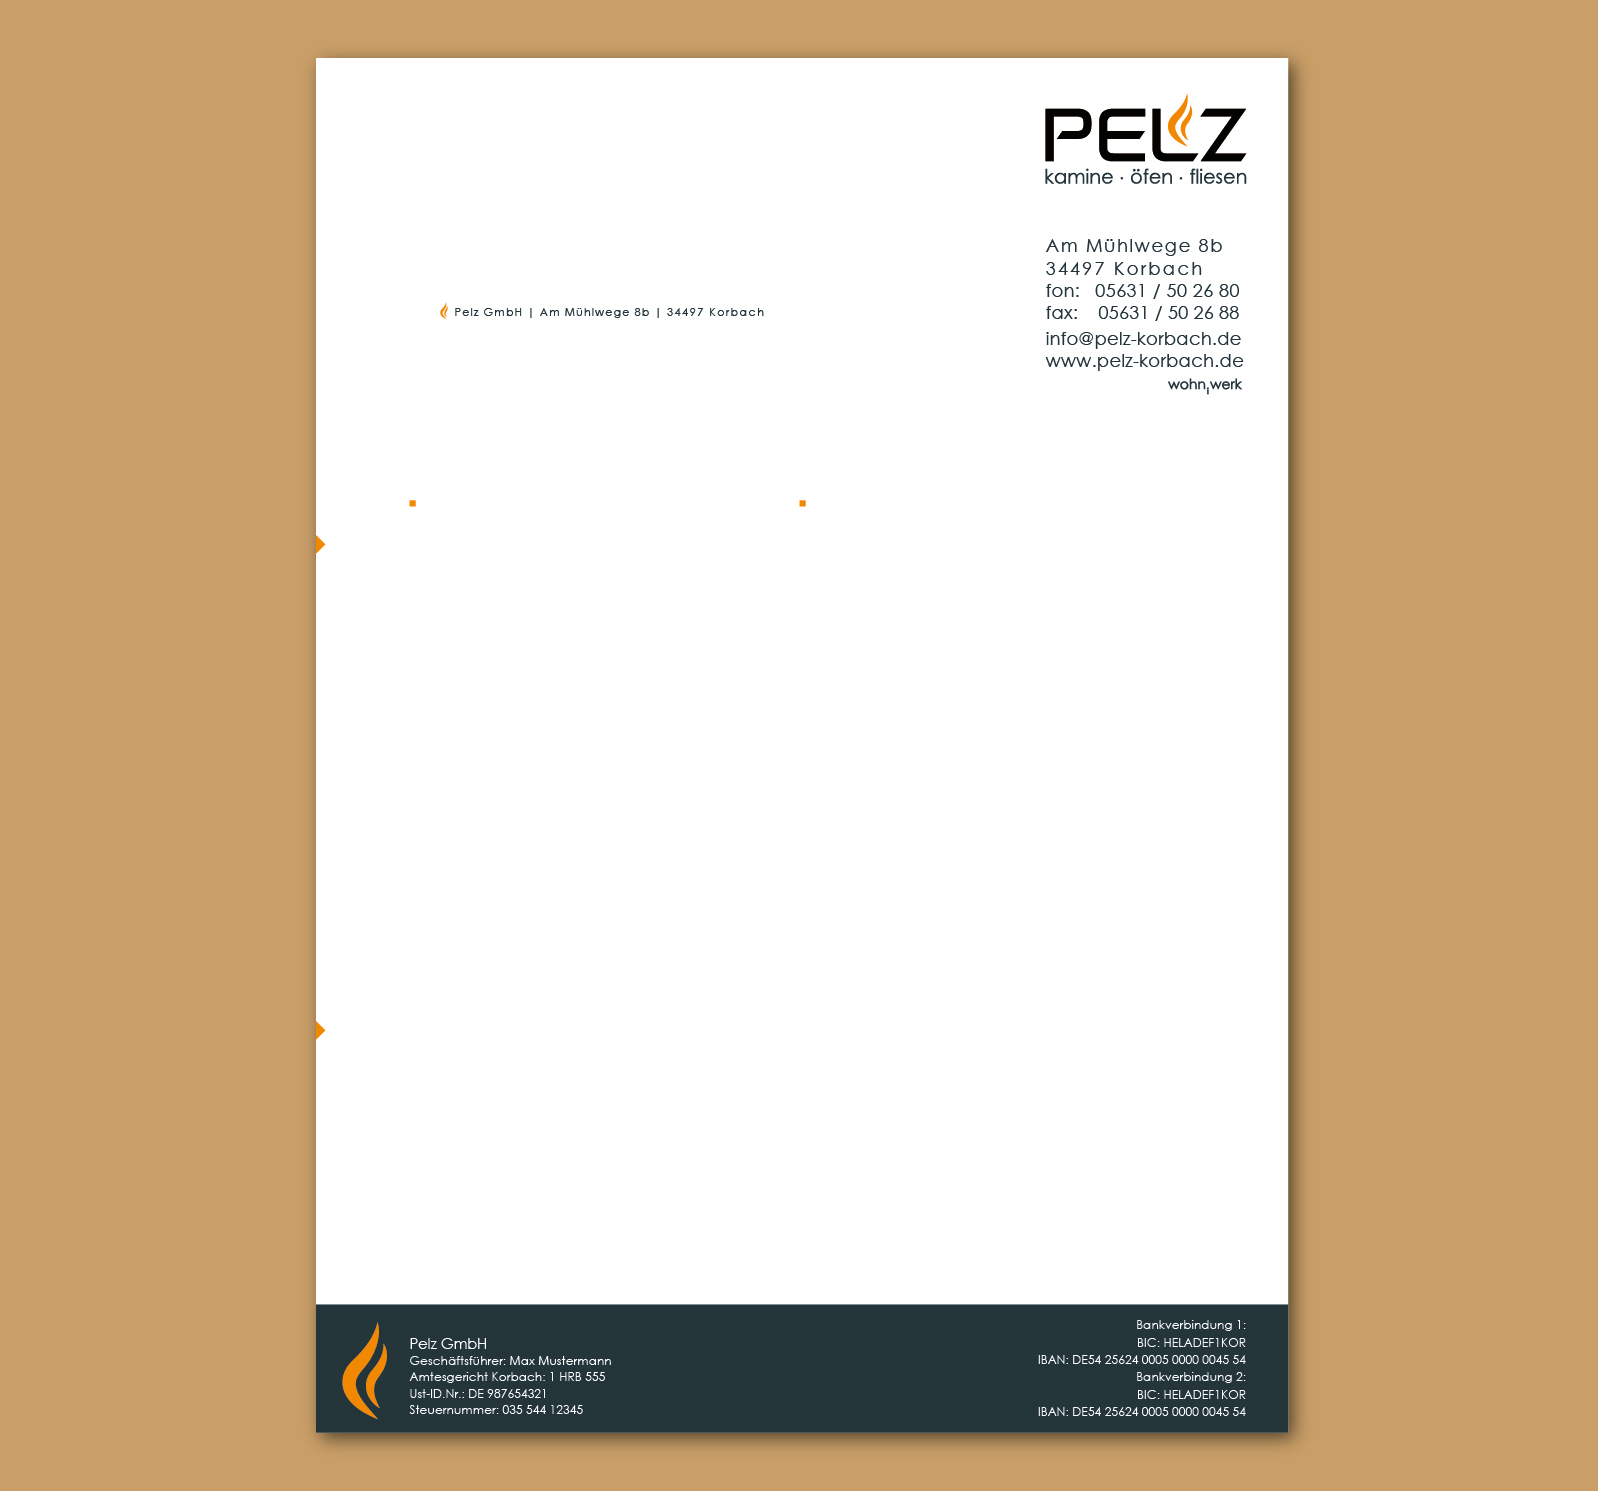 Pelz Gmbh Korbach visitenkarten und briefpapier visitenkarten design briefing